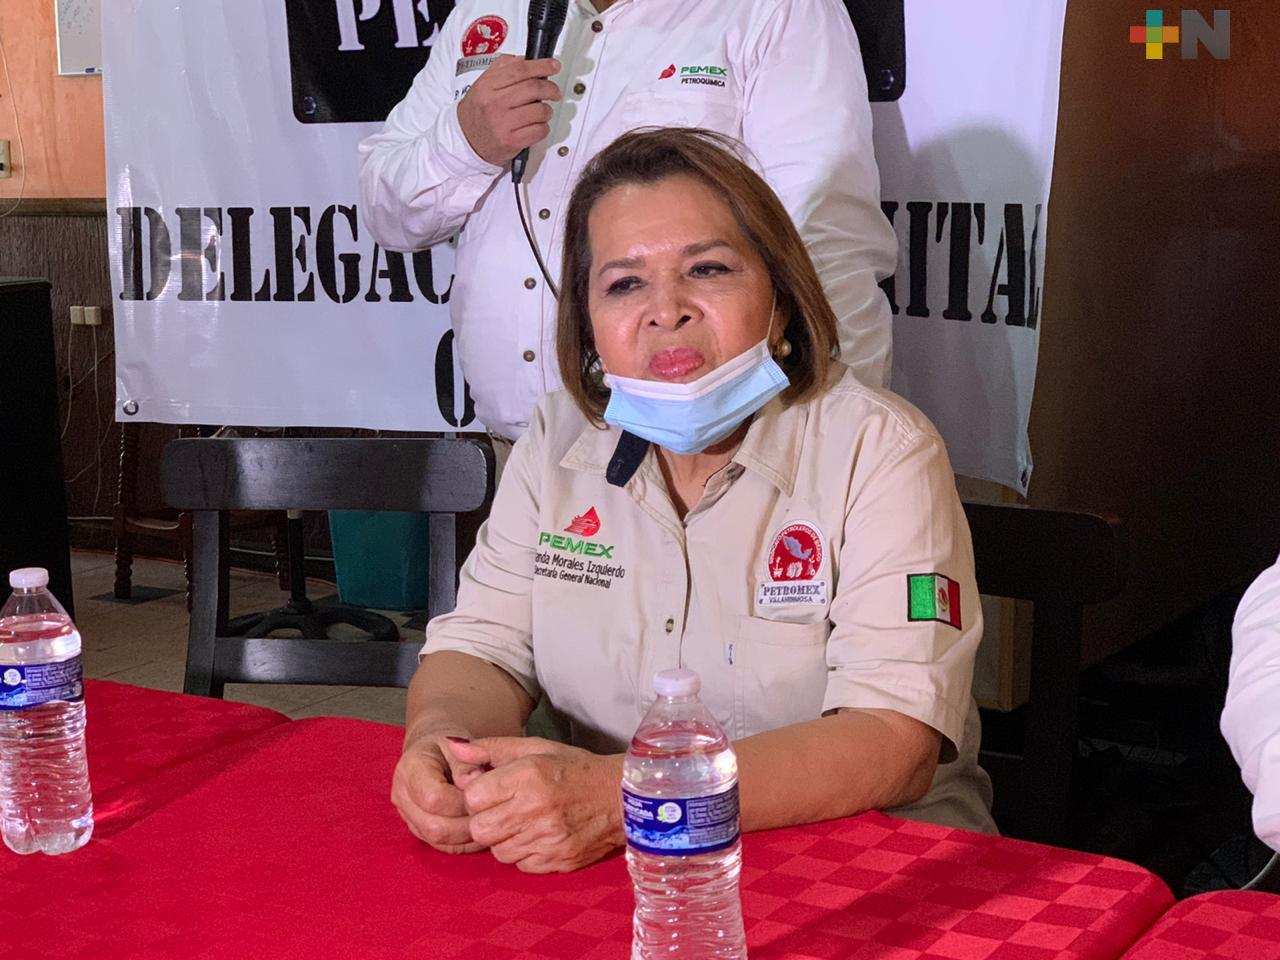 «Conmigo no va haber corrupción»: líder de Petromex